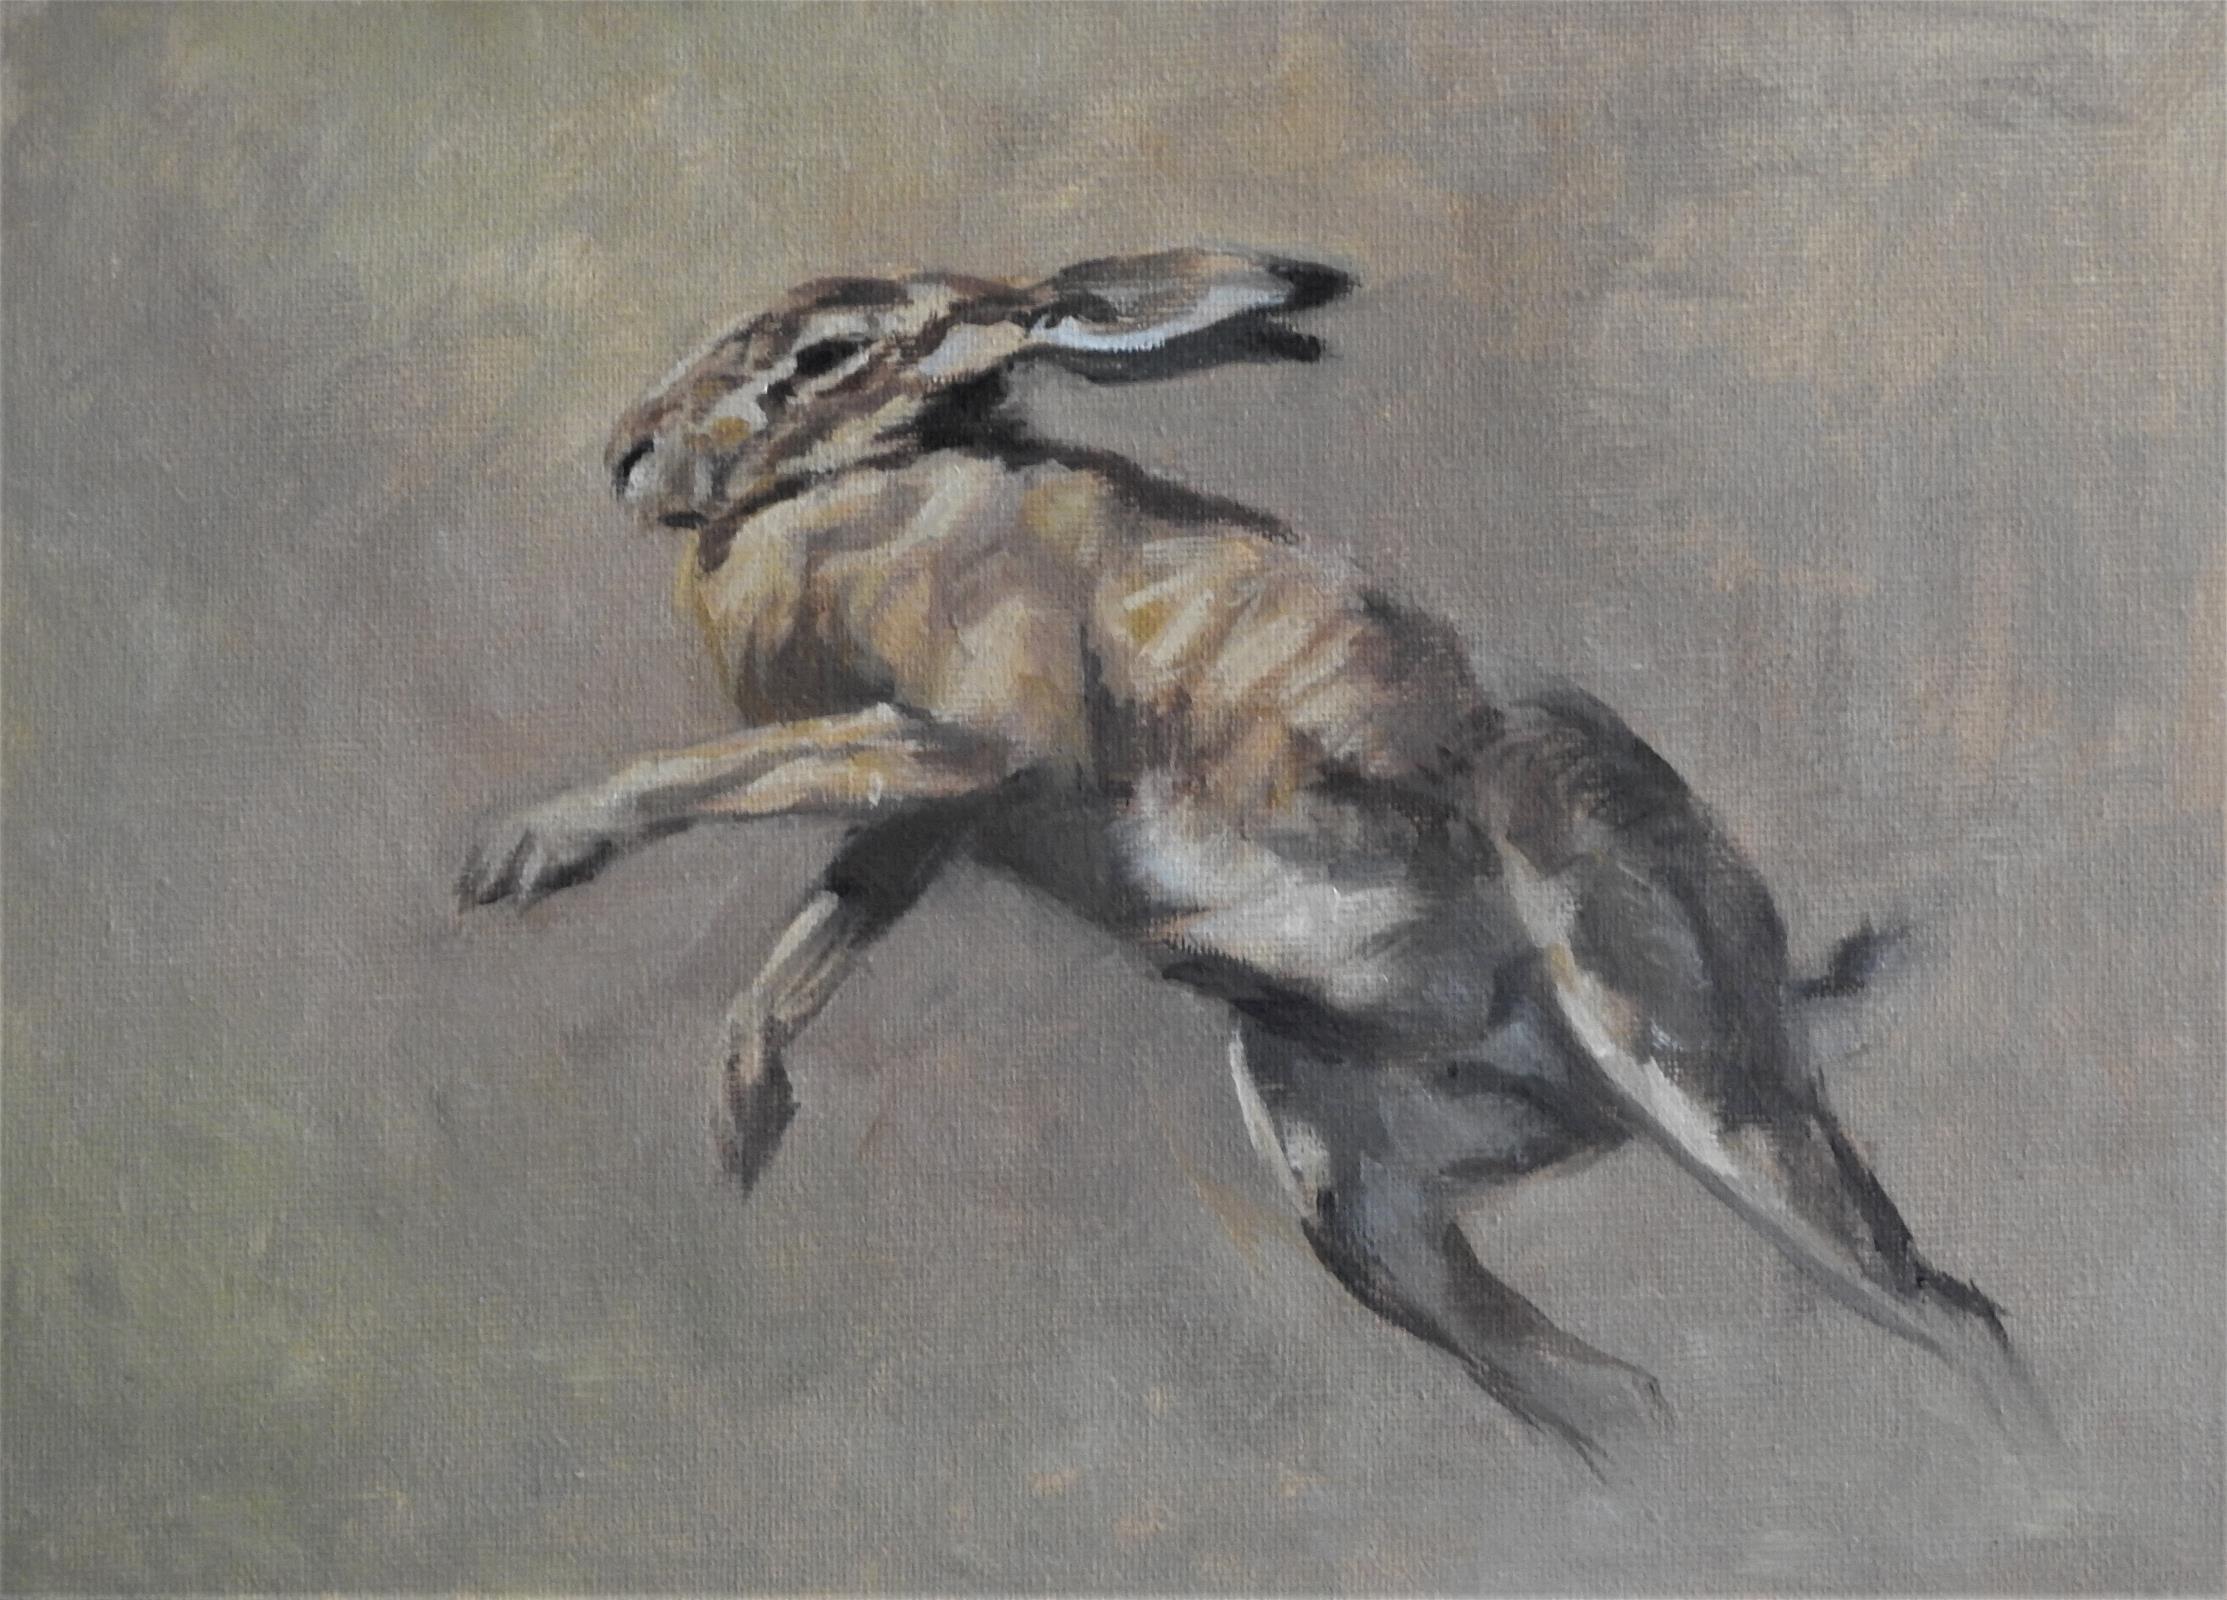 <p>Lepus Pugilistus II by Tim Wootton</p>